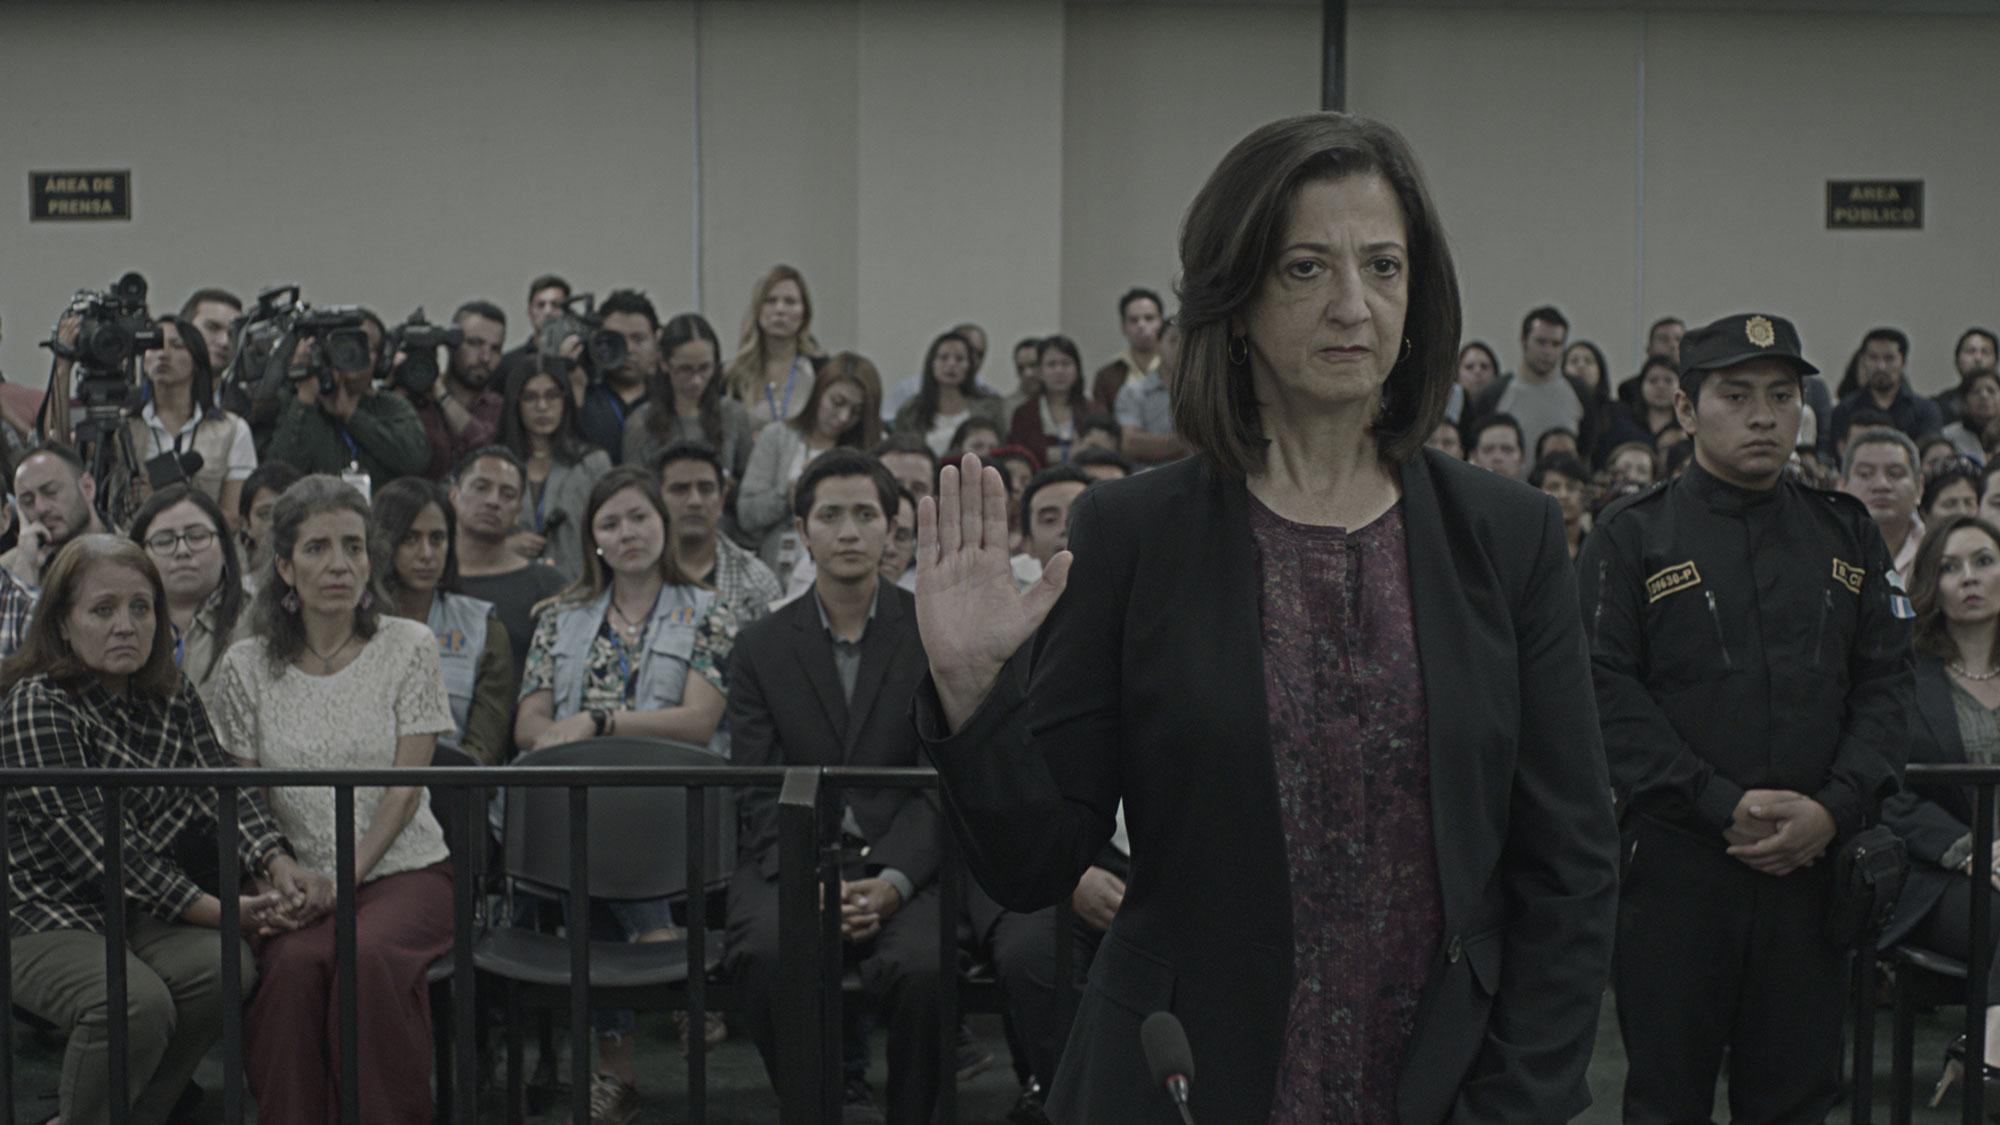 Nuestras Madres - Film de César Díaz - Lado|B|erlin.